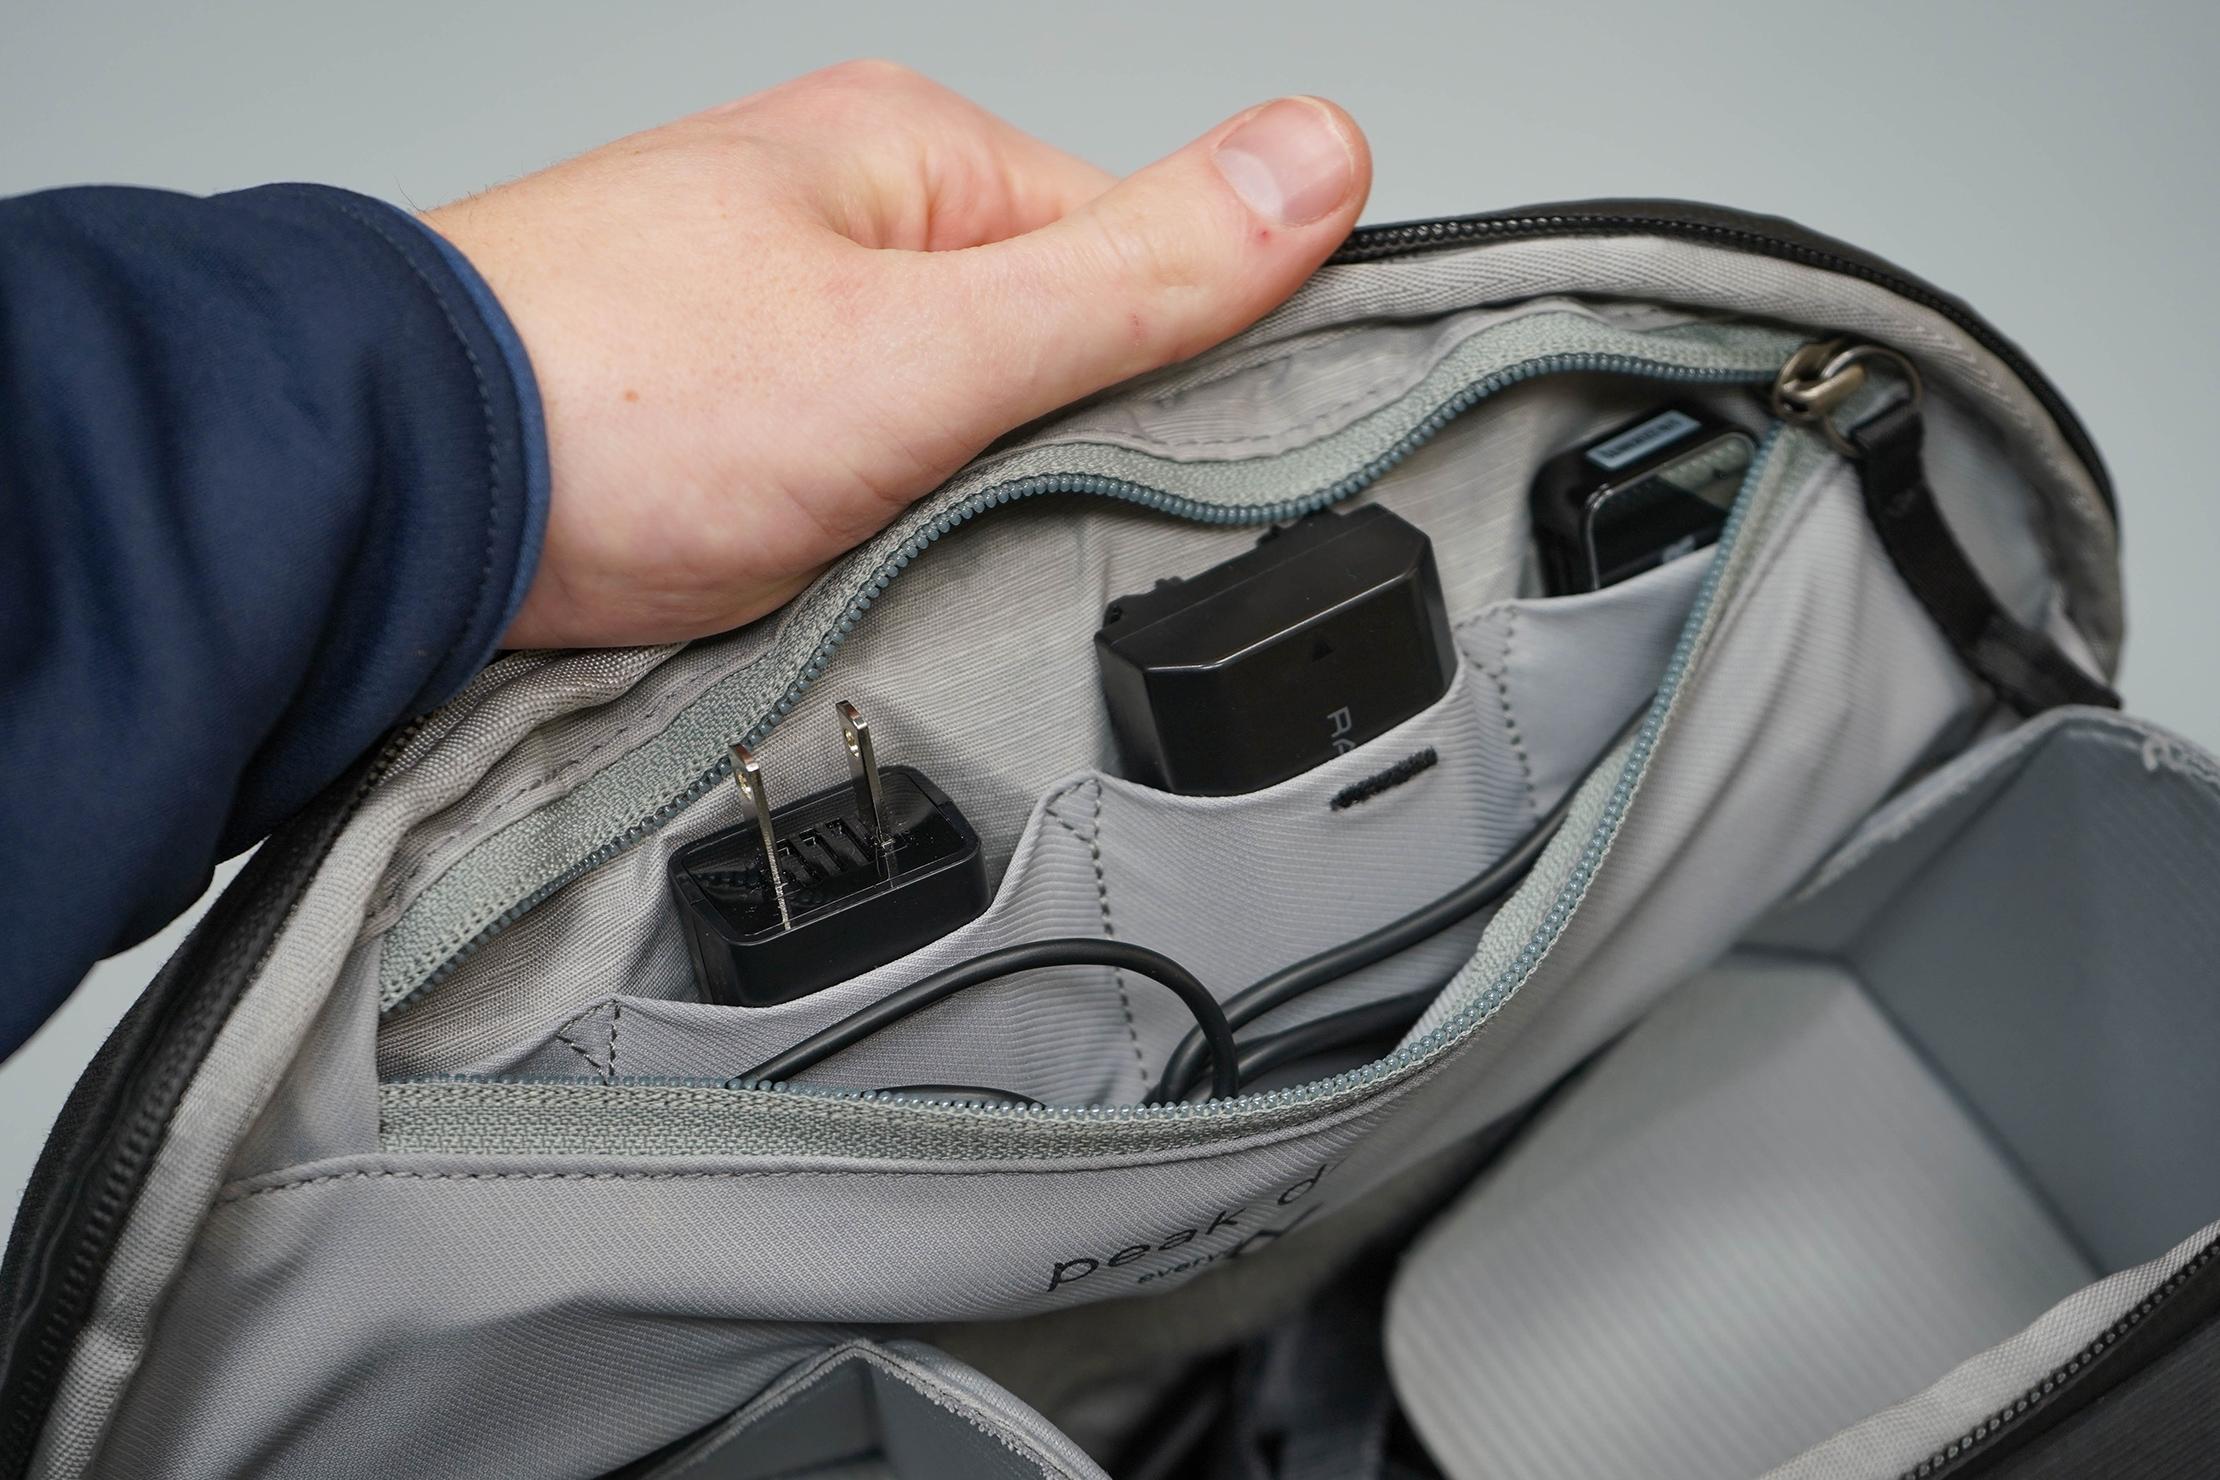 Peak Design Everyday Sling 6L V2 Inside Pocket Organization